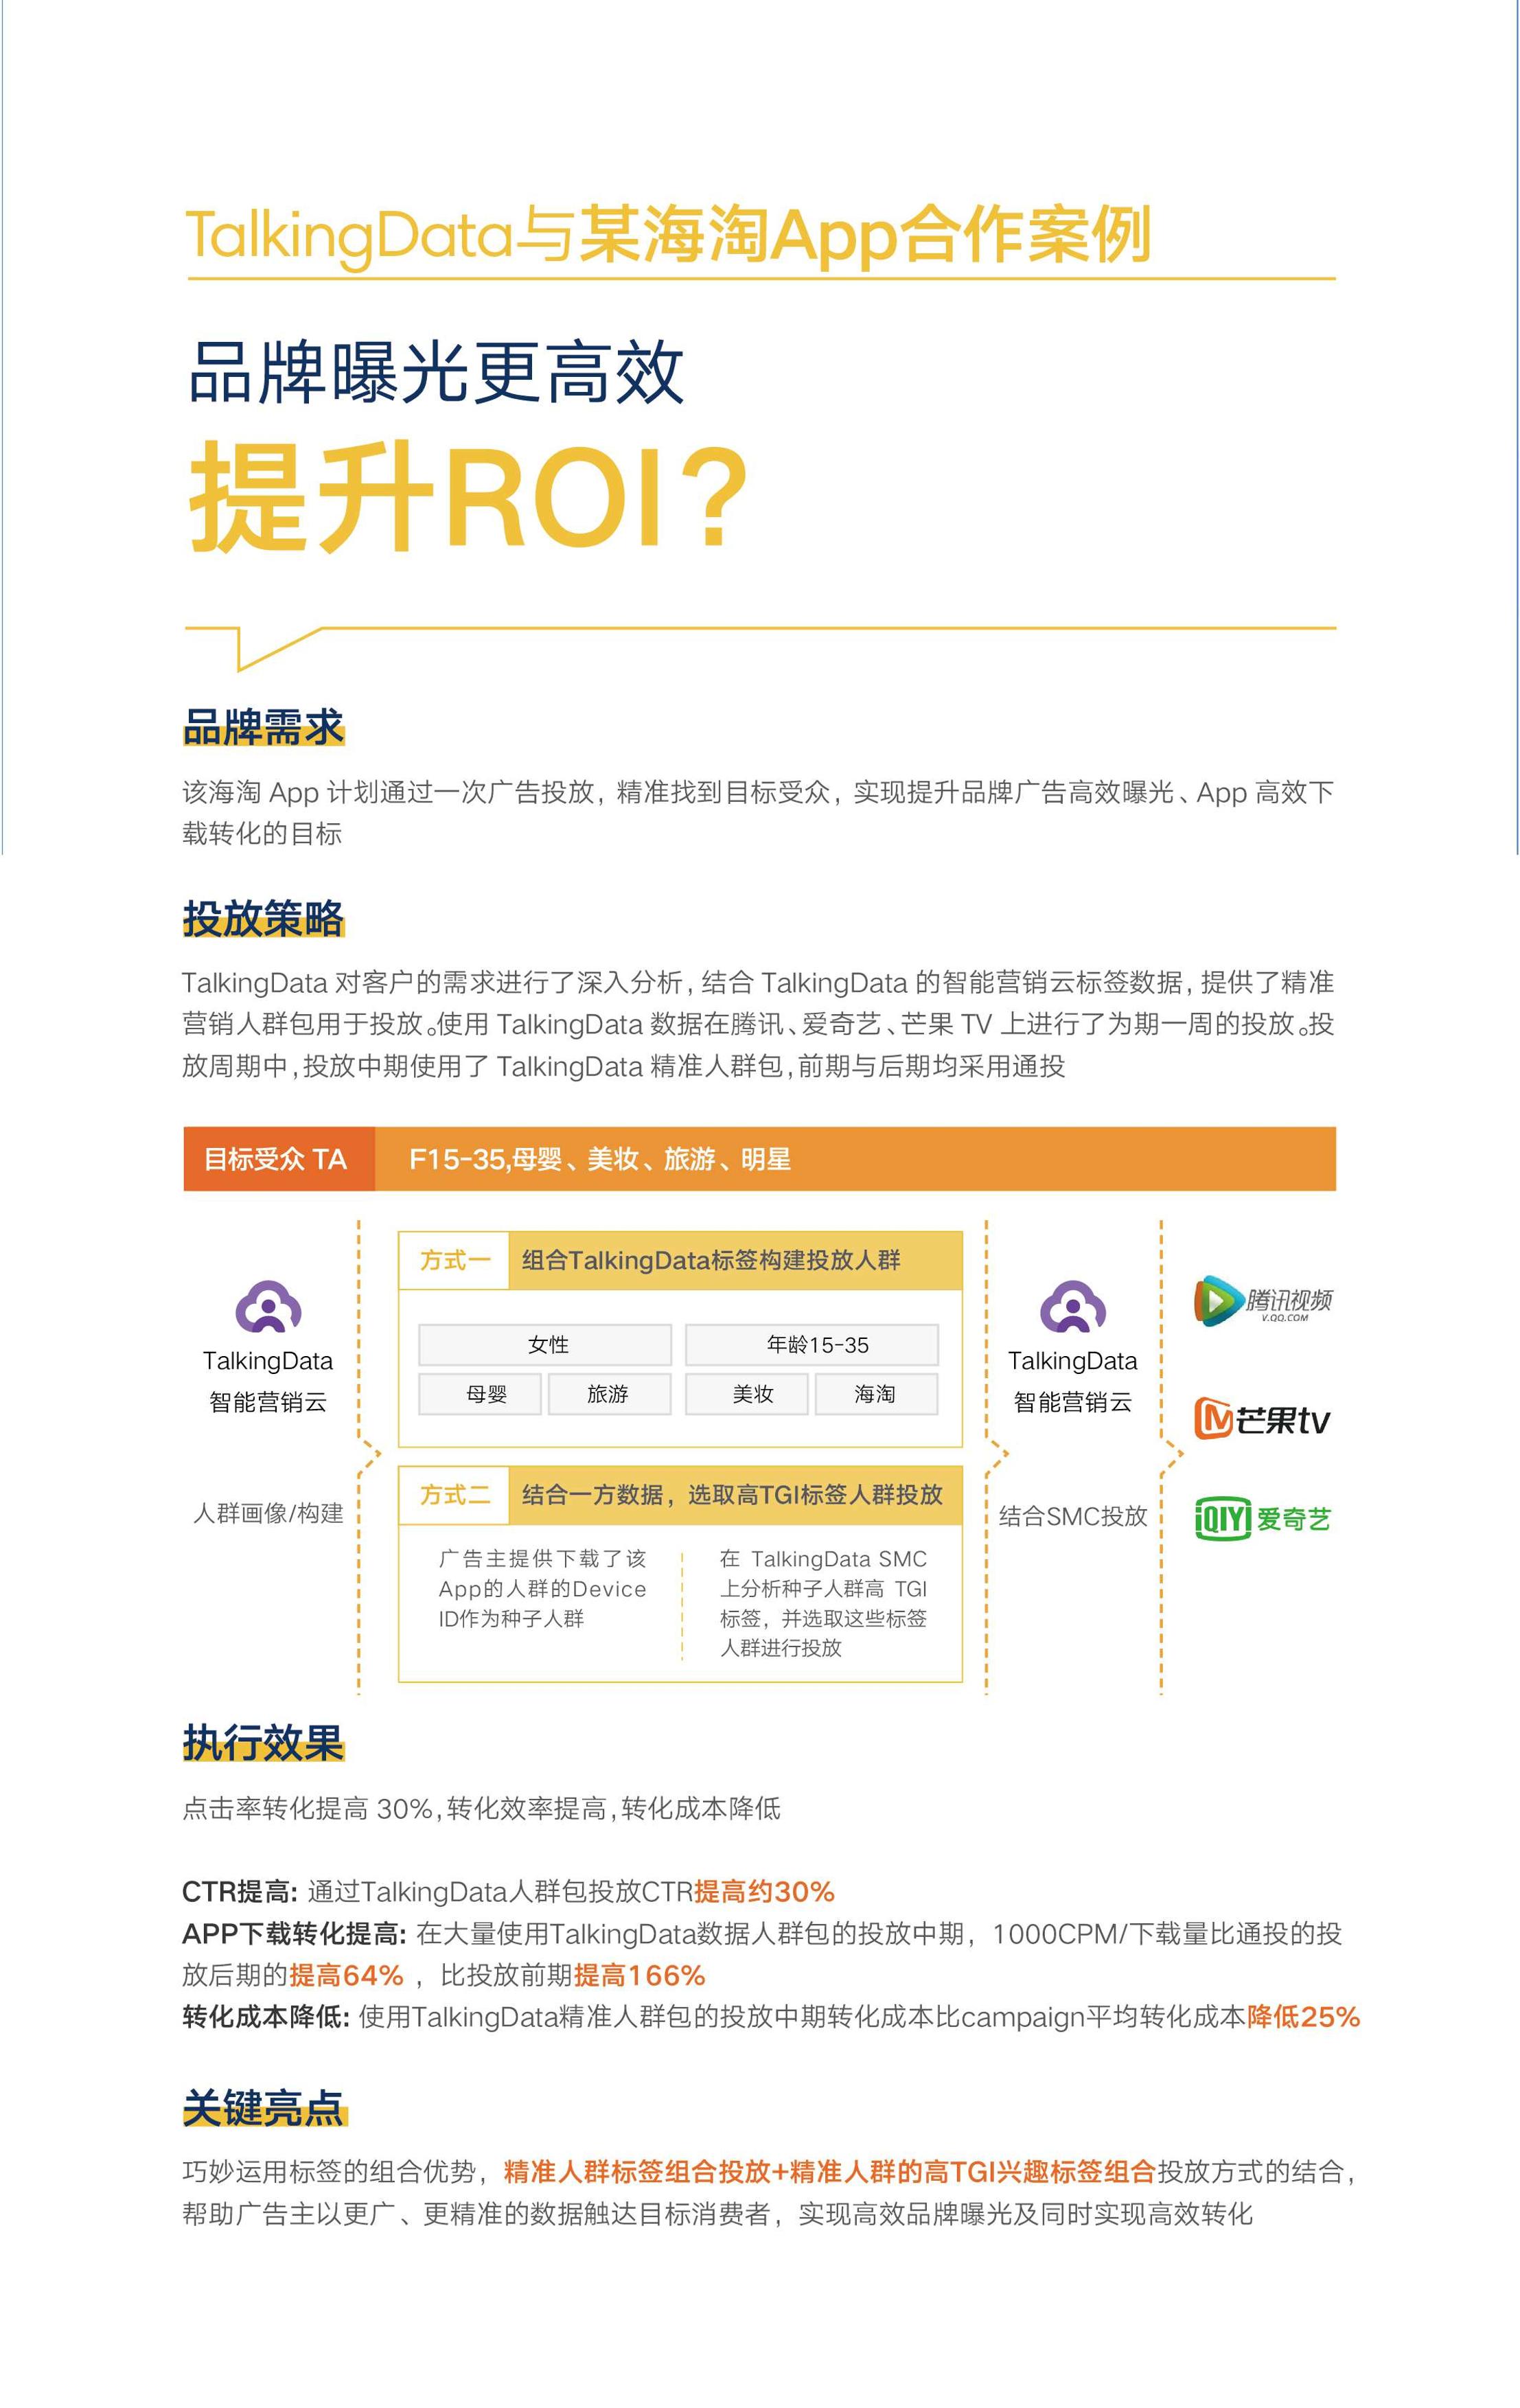 智能营销云_1576656025667-6